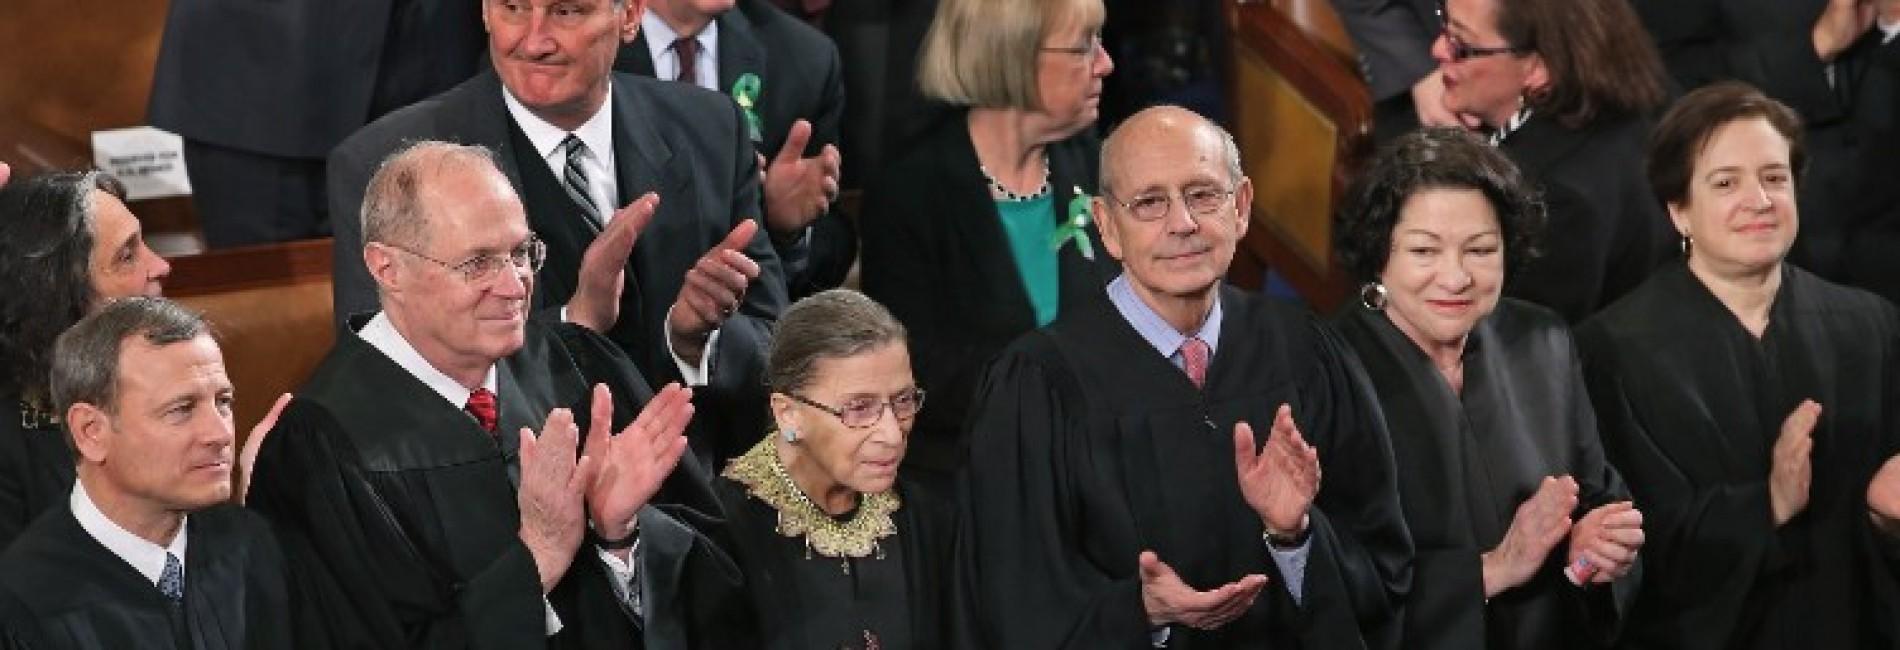 supreme court 2017